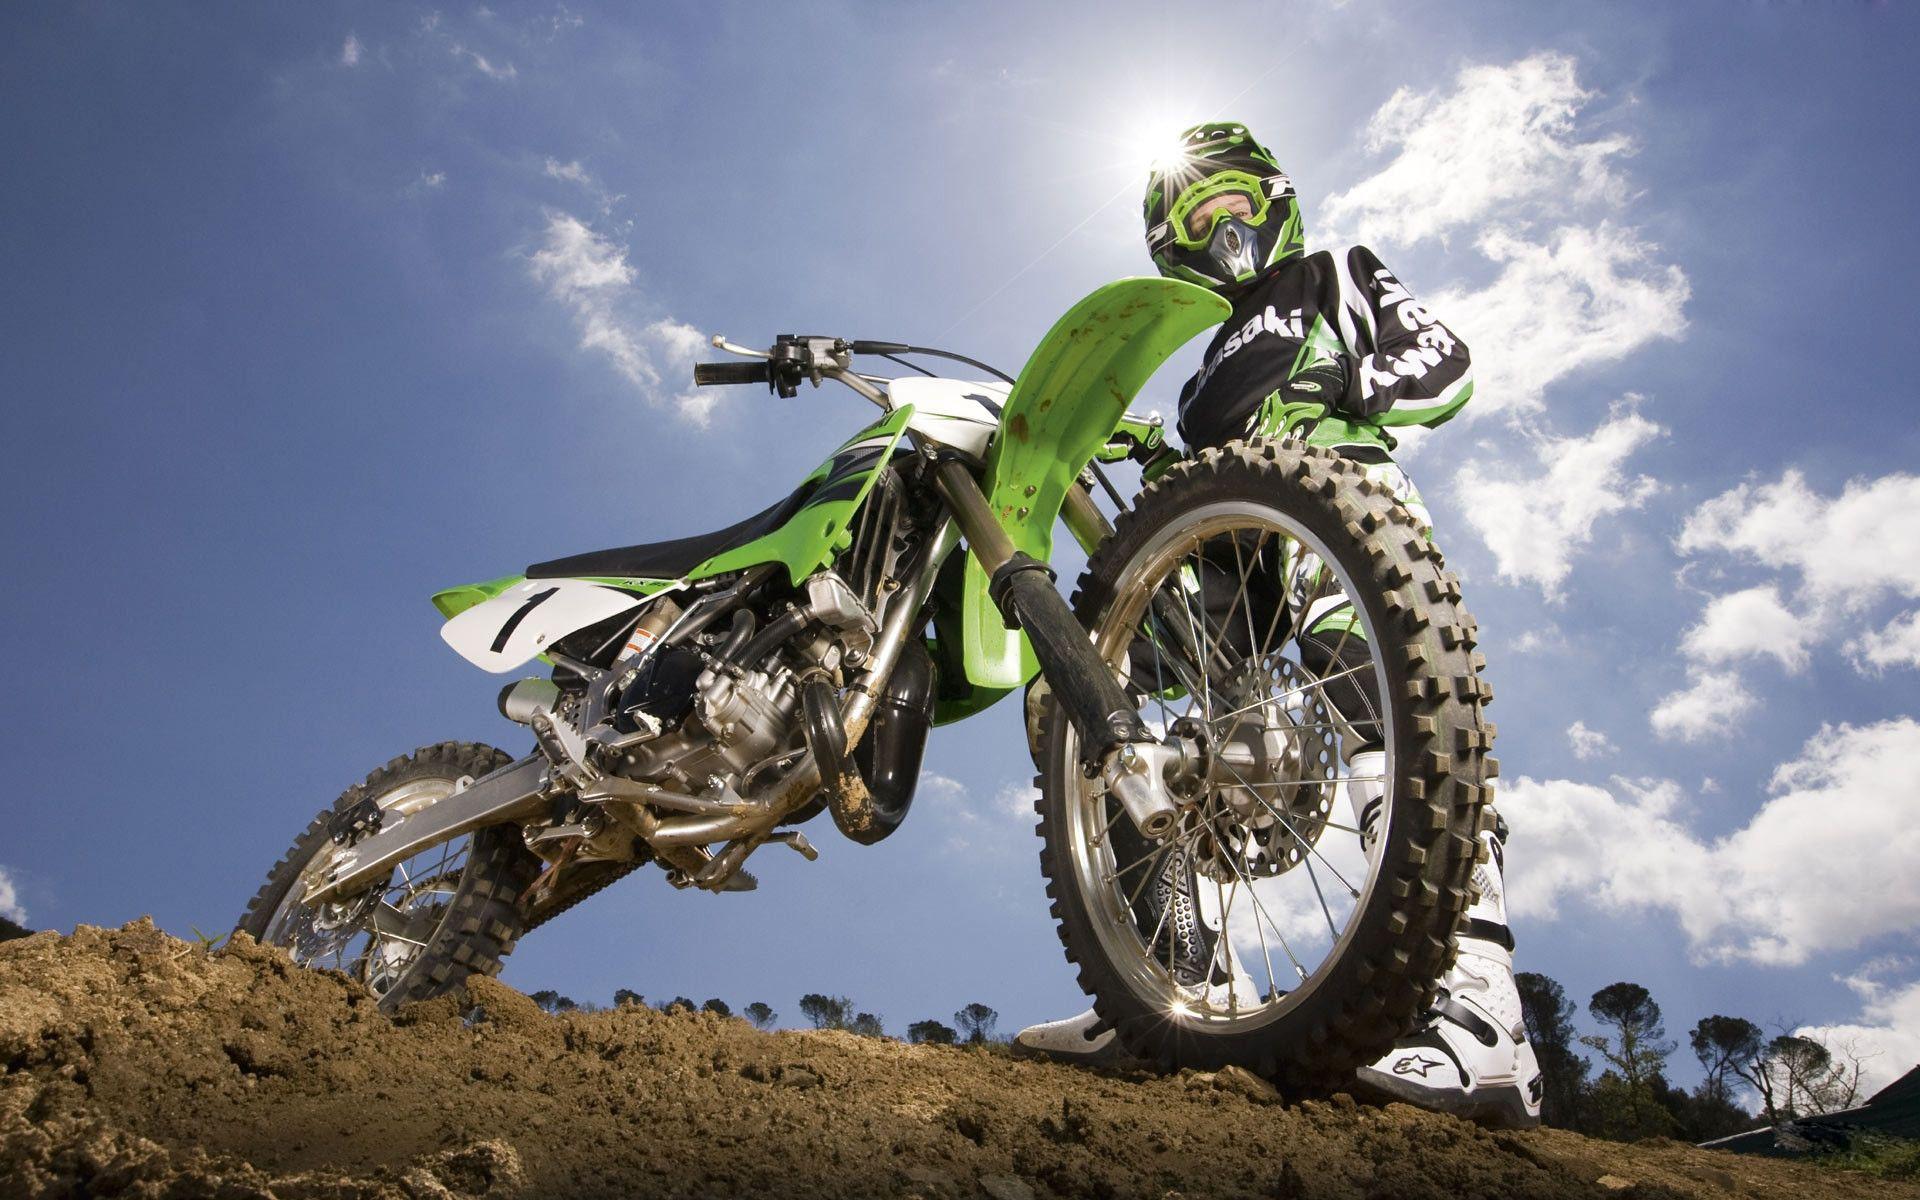 Dirt Bike Wallpaper HD 65 images